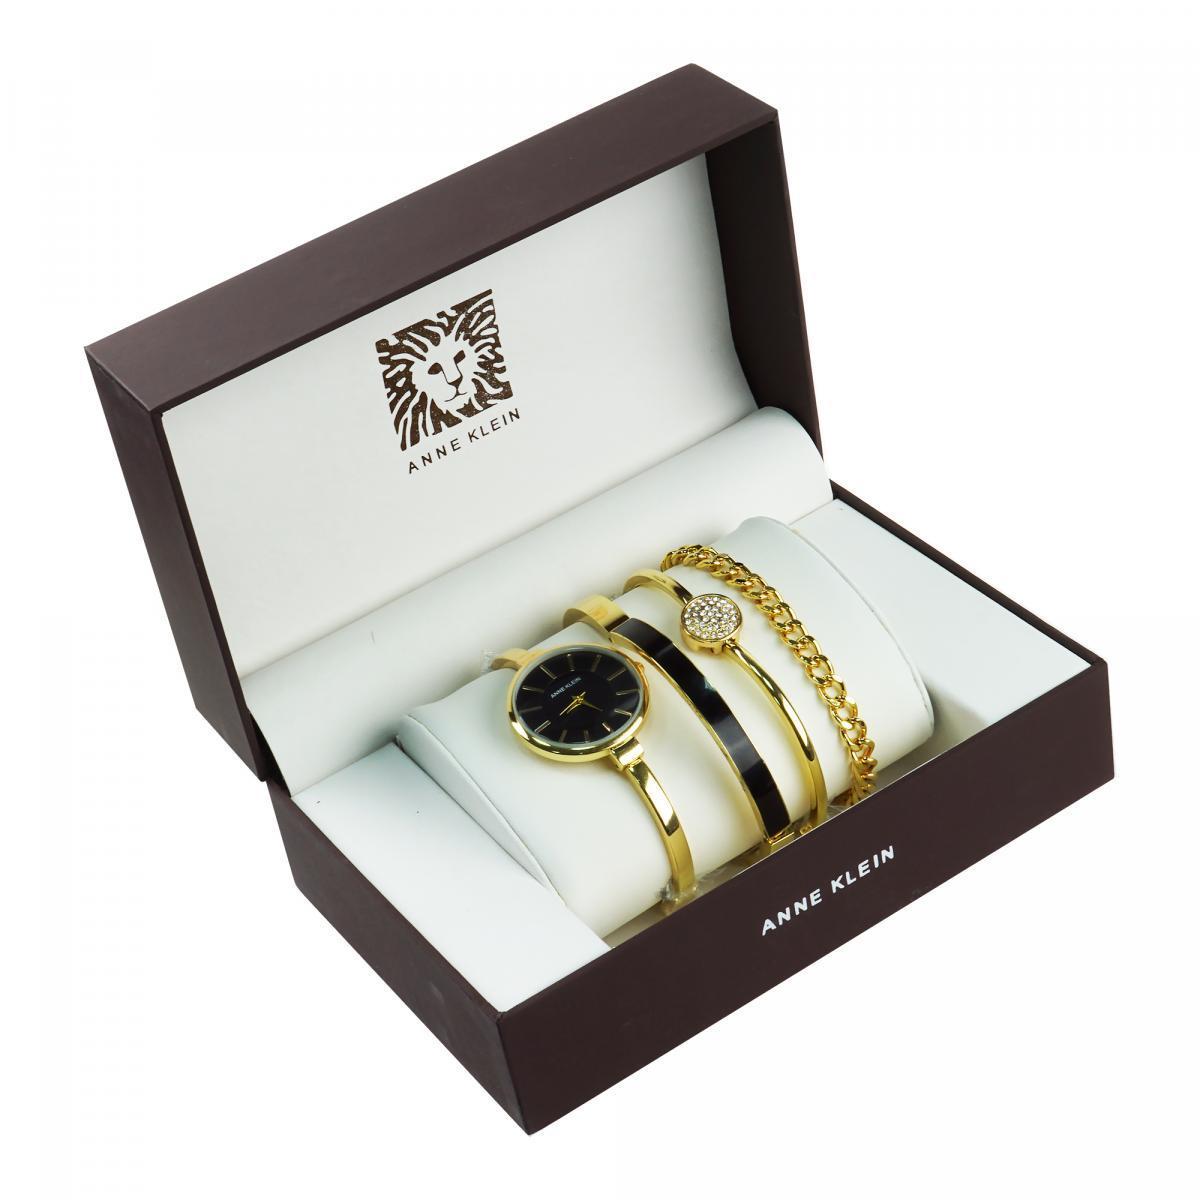 Уценка (товар с небольшим дефектом) Часы в подарочной упаковке Anne Klein золотистый + черный.